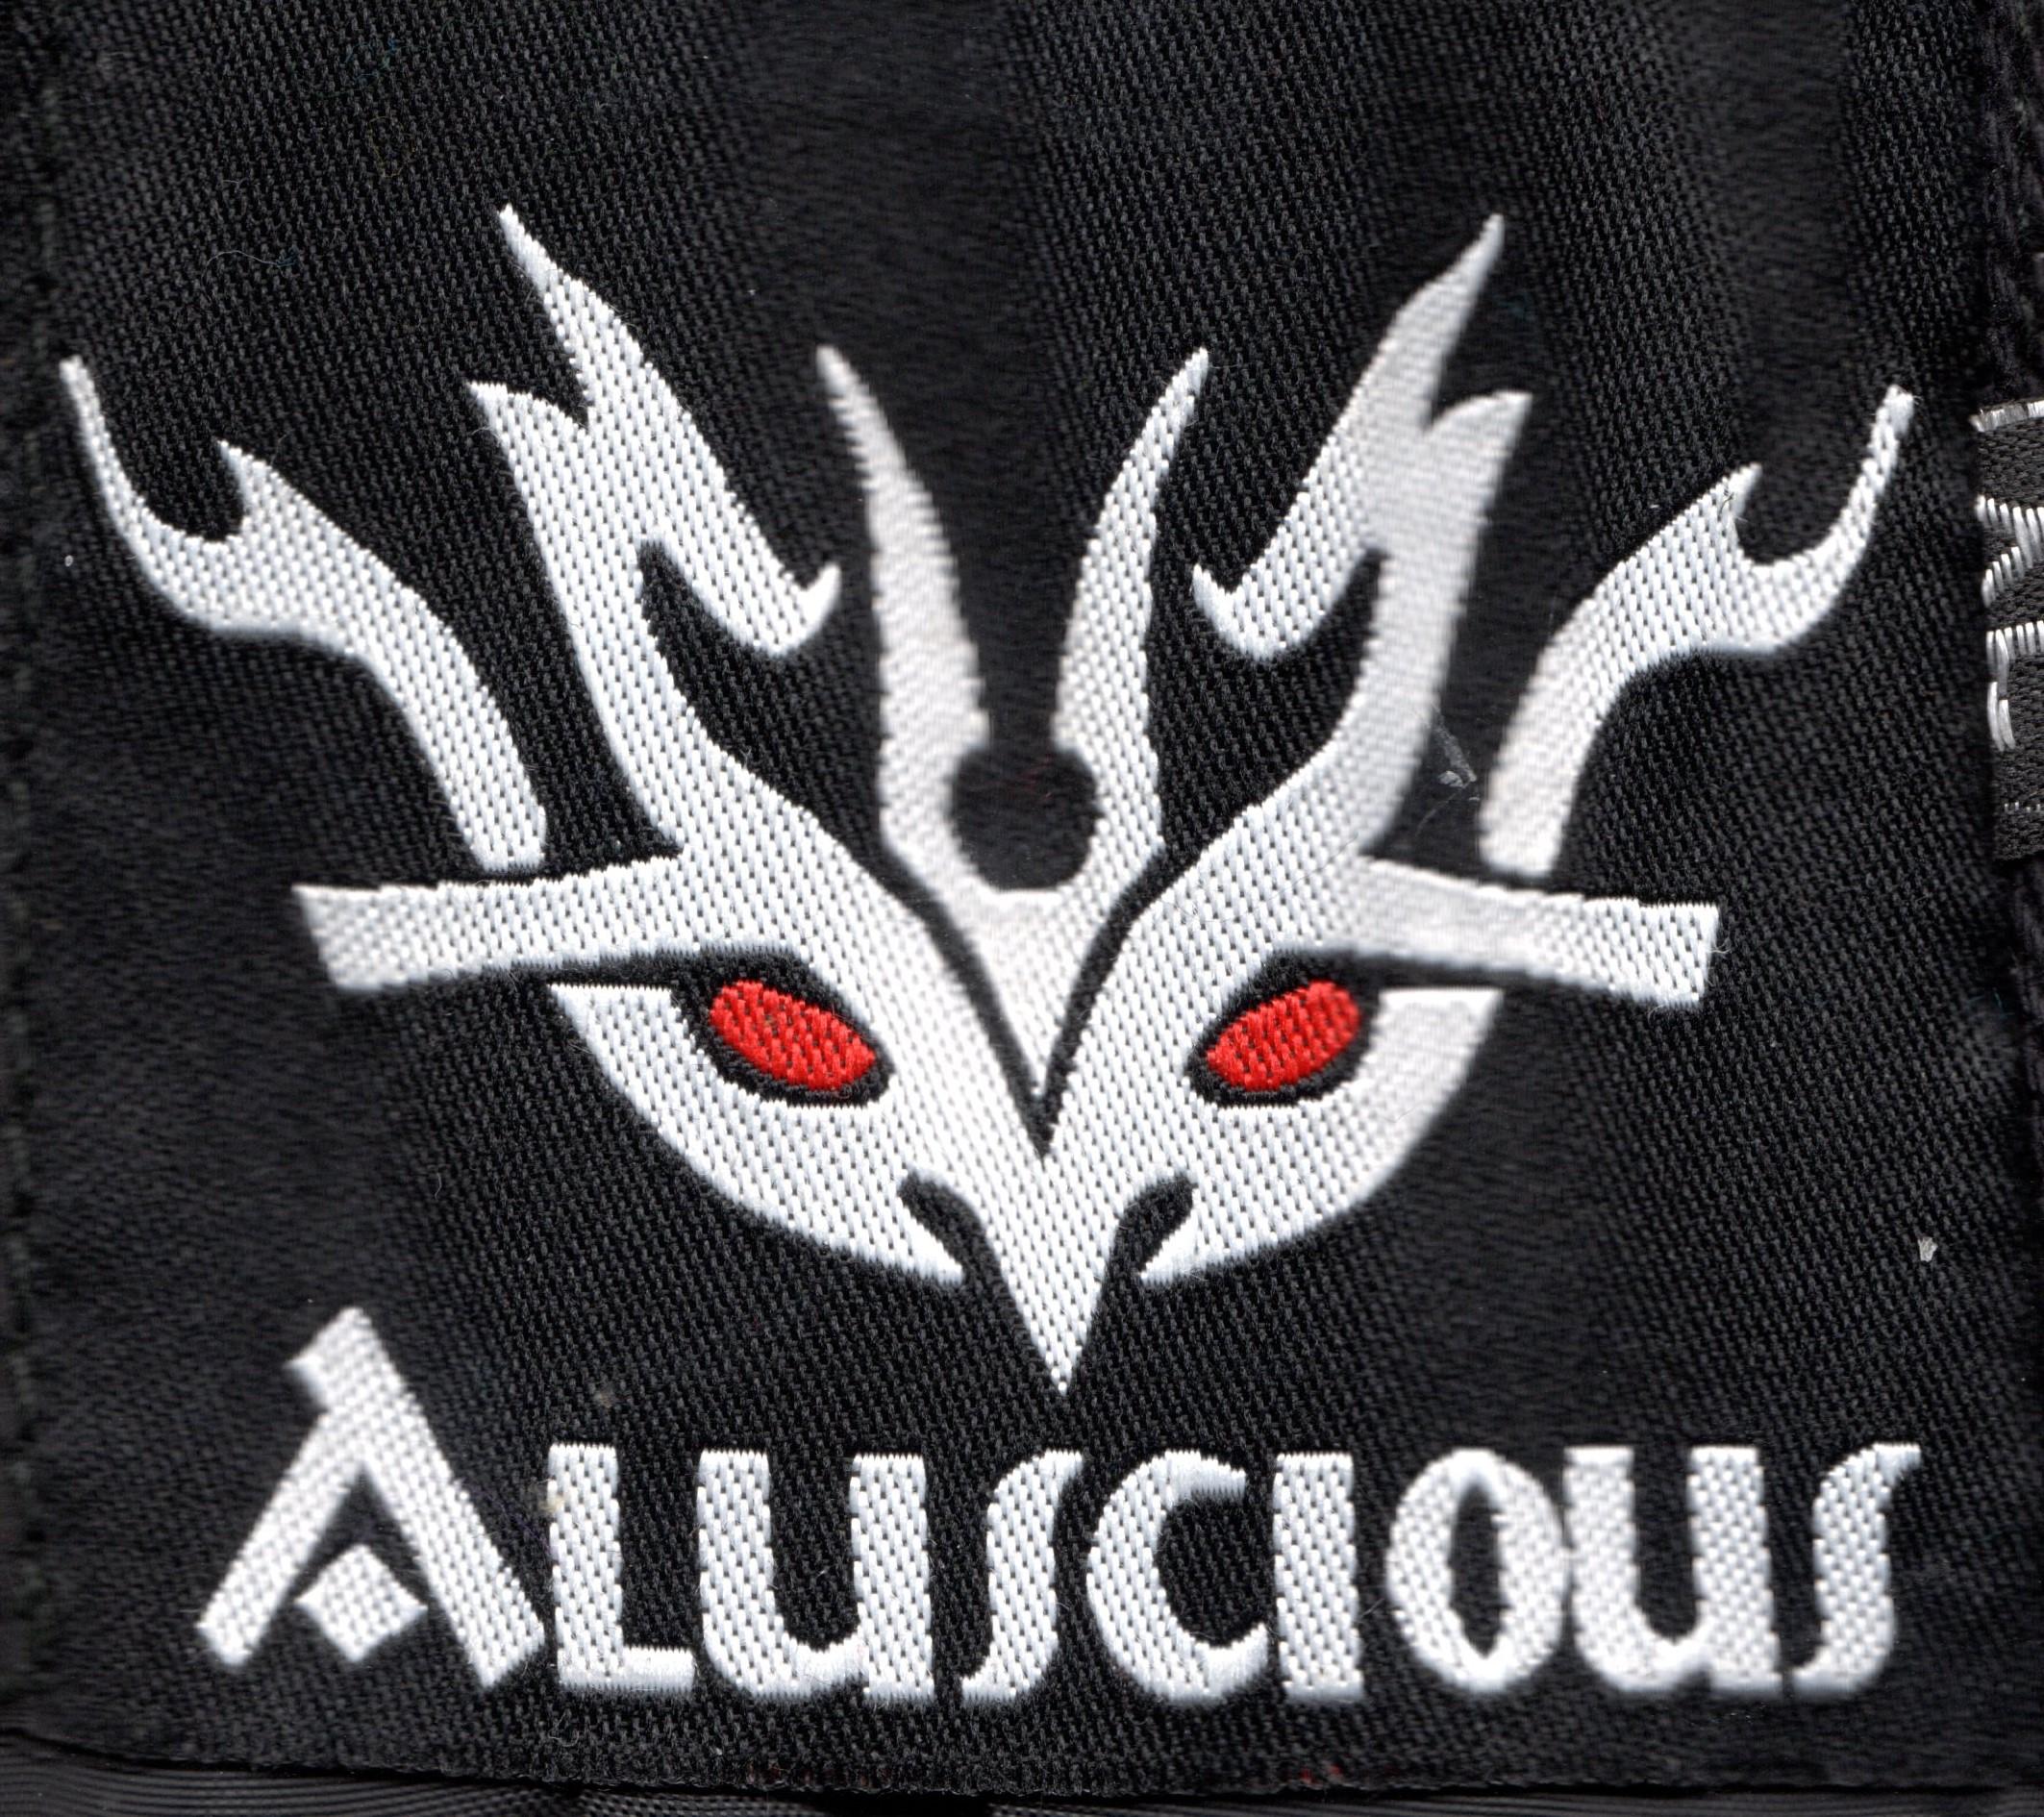 Alouscius